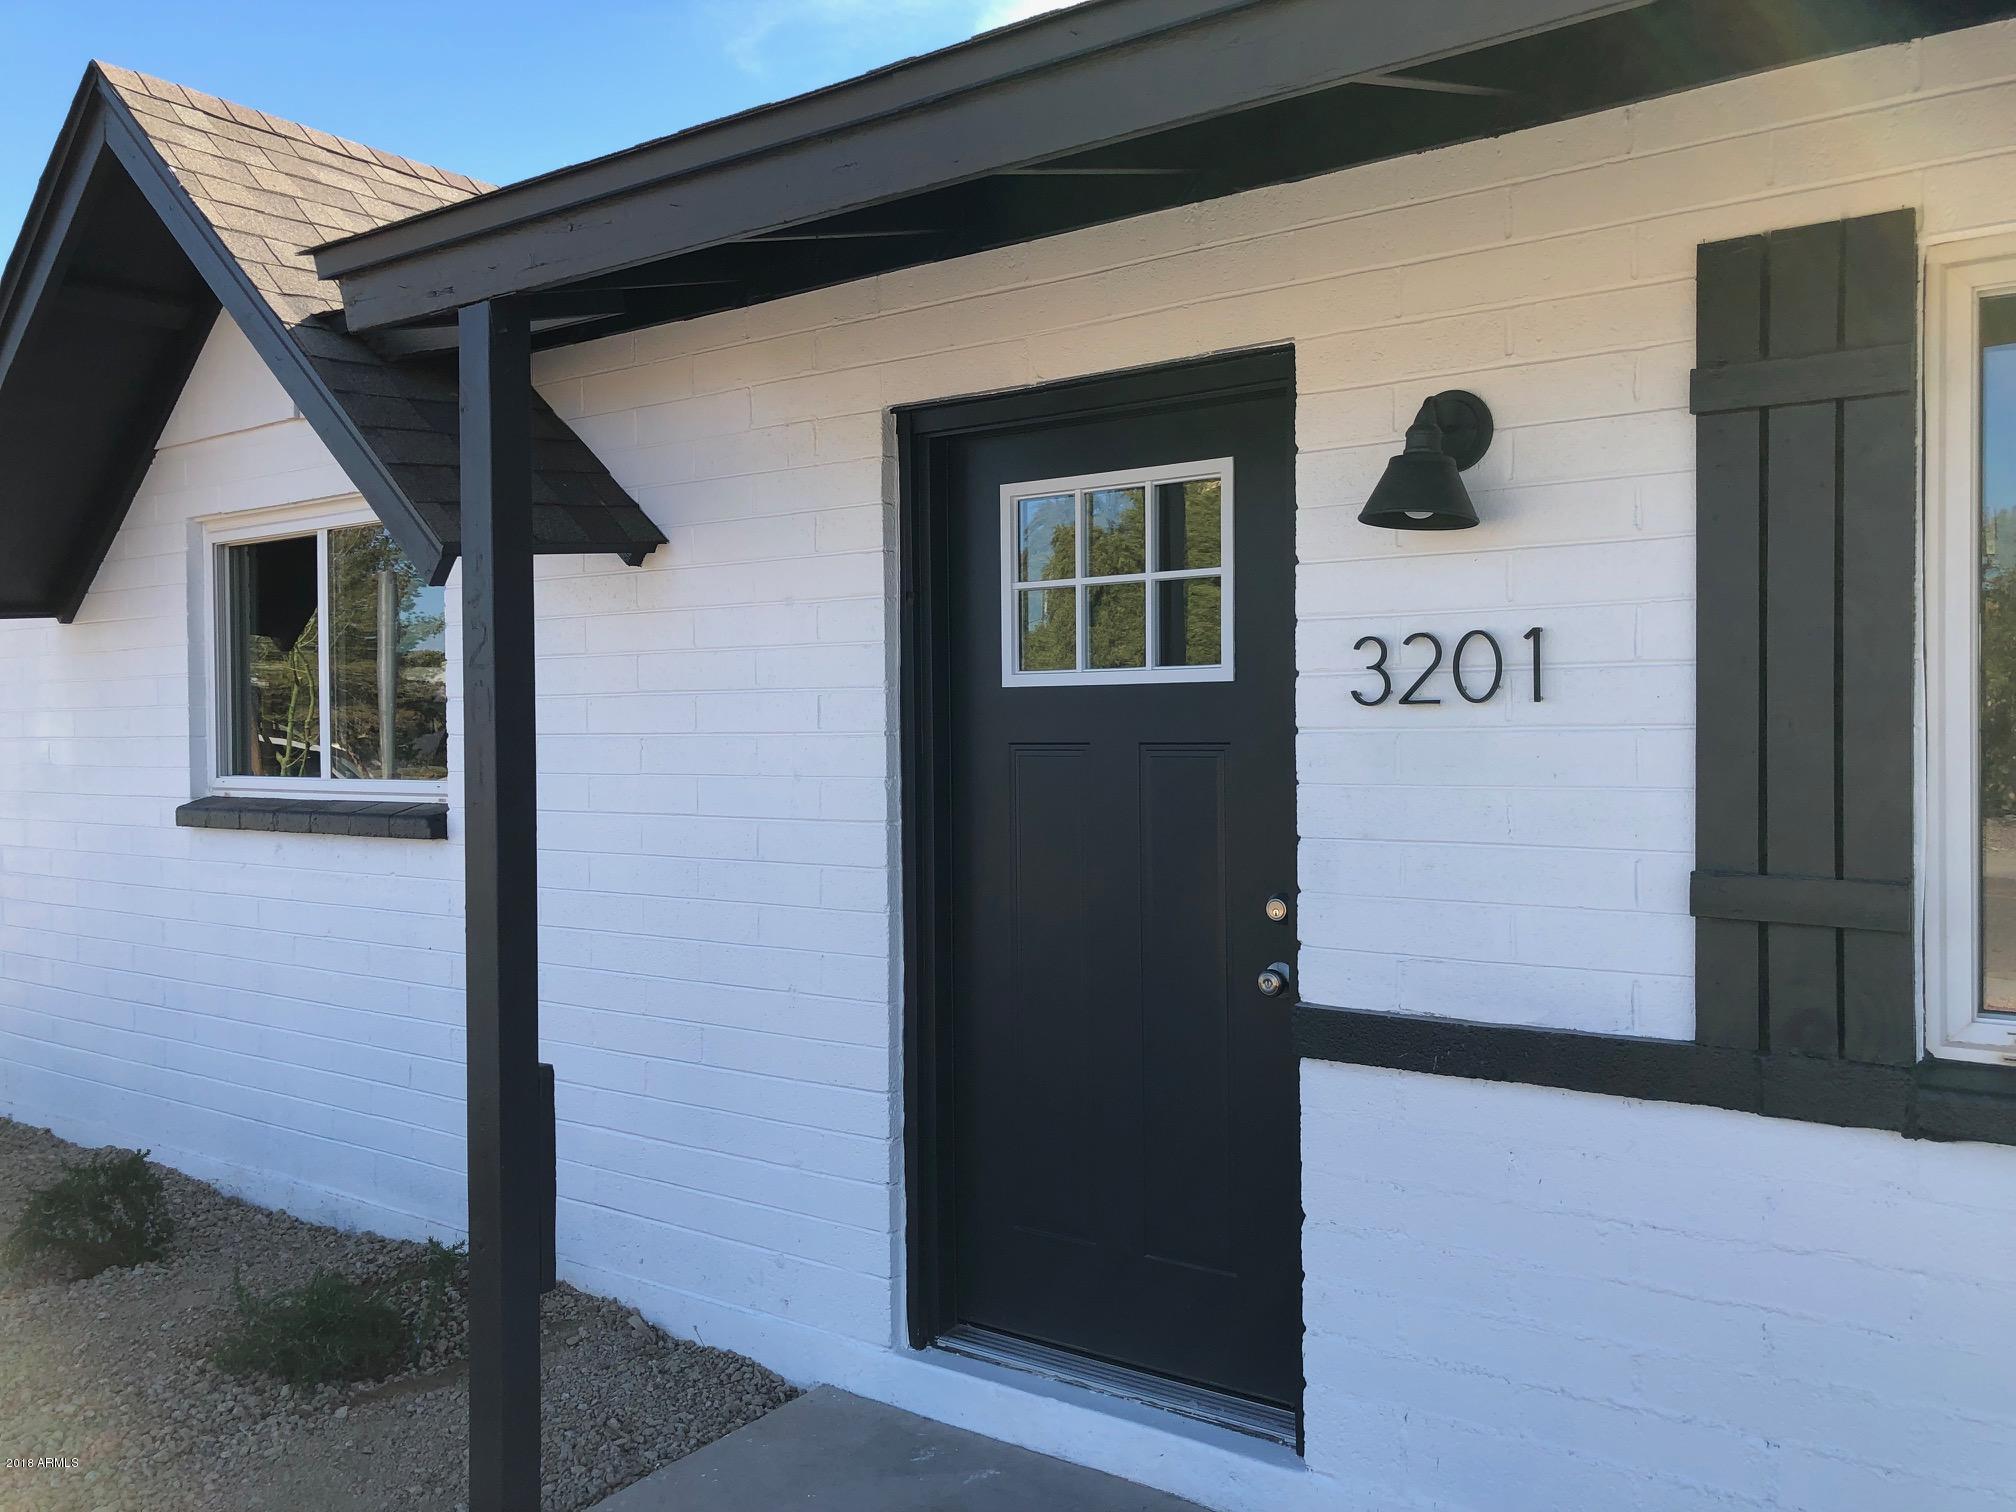 3201 E NISBET Road Phoenix, AZ 85032 - MLS #: 5859335